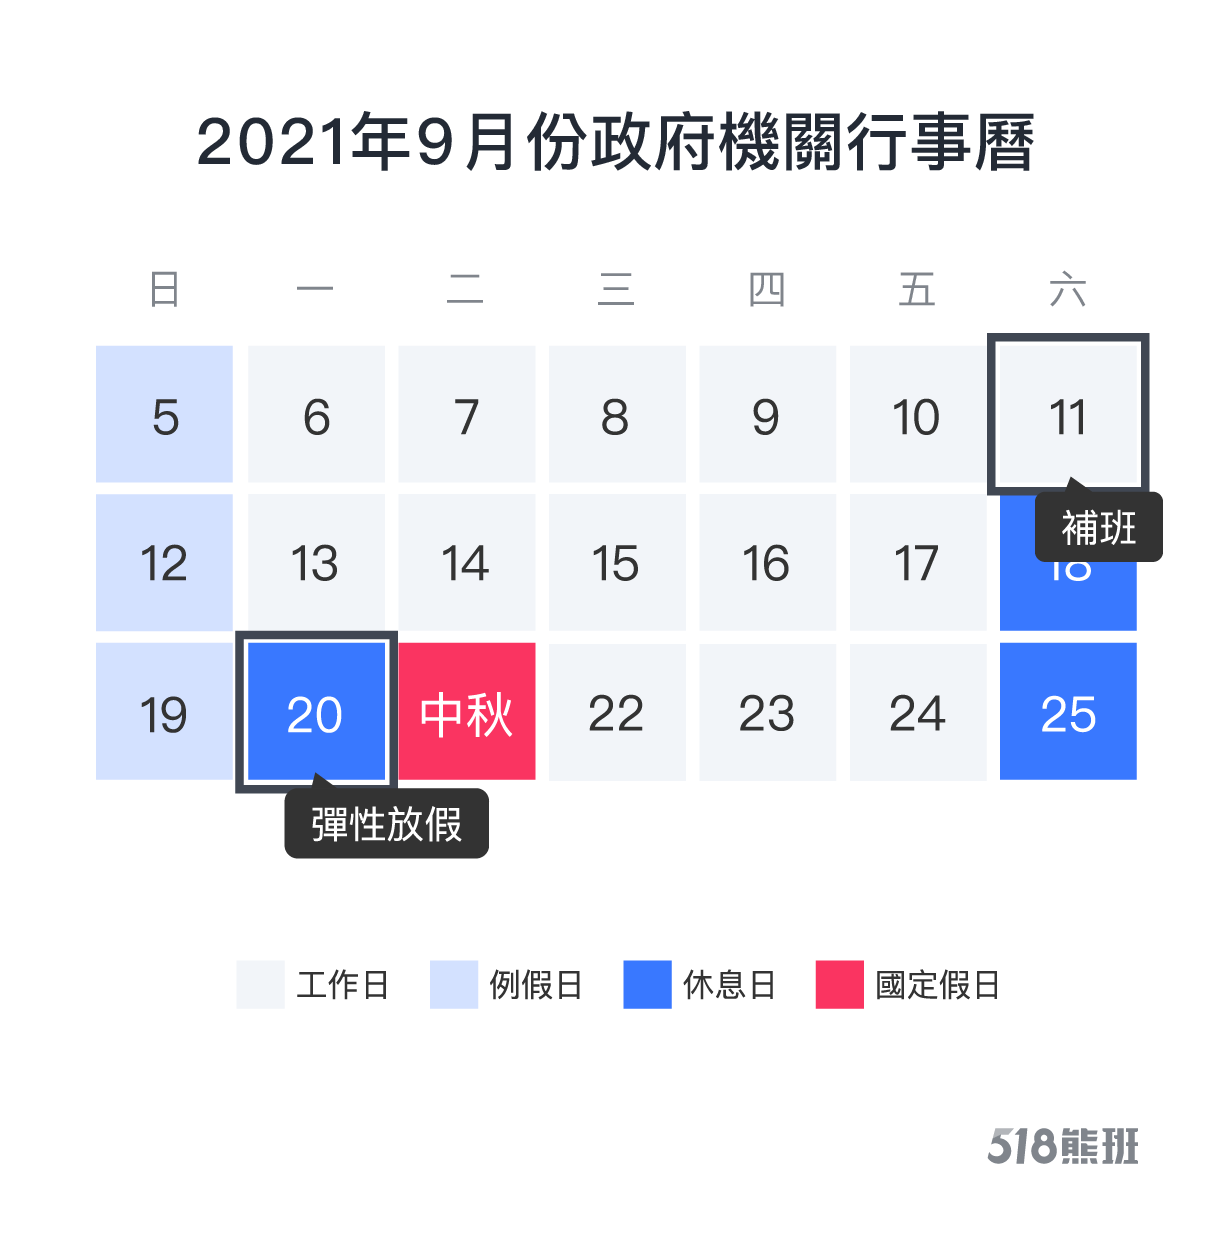 2021年9月份政府機關行事曆